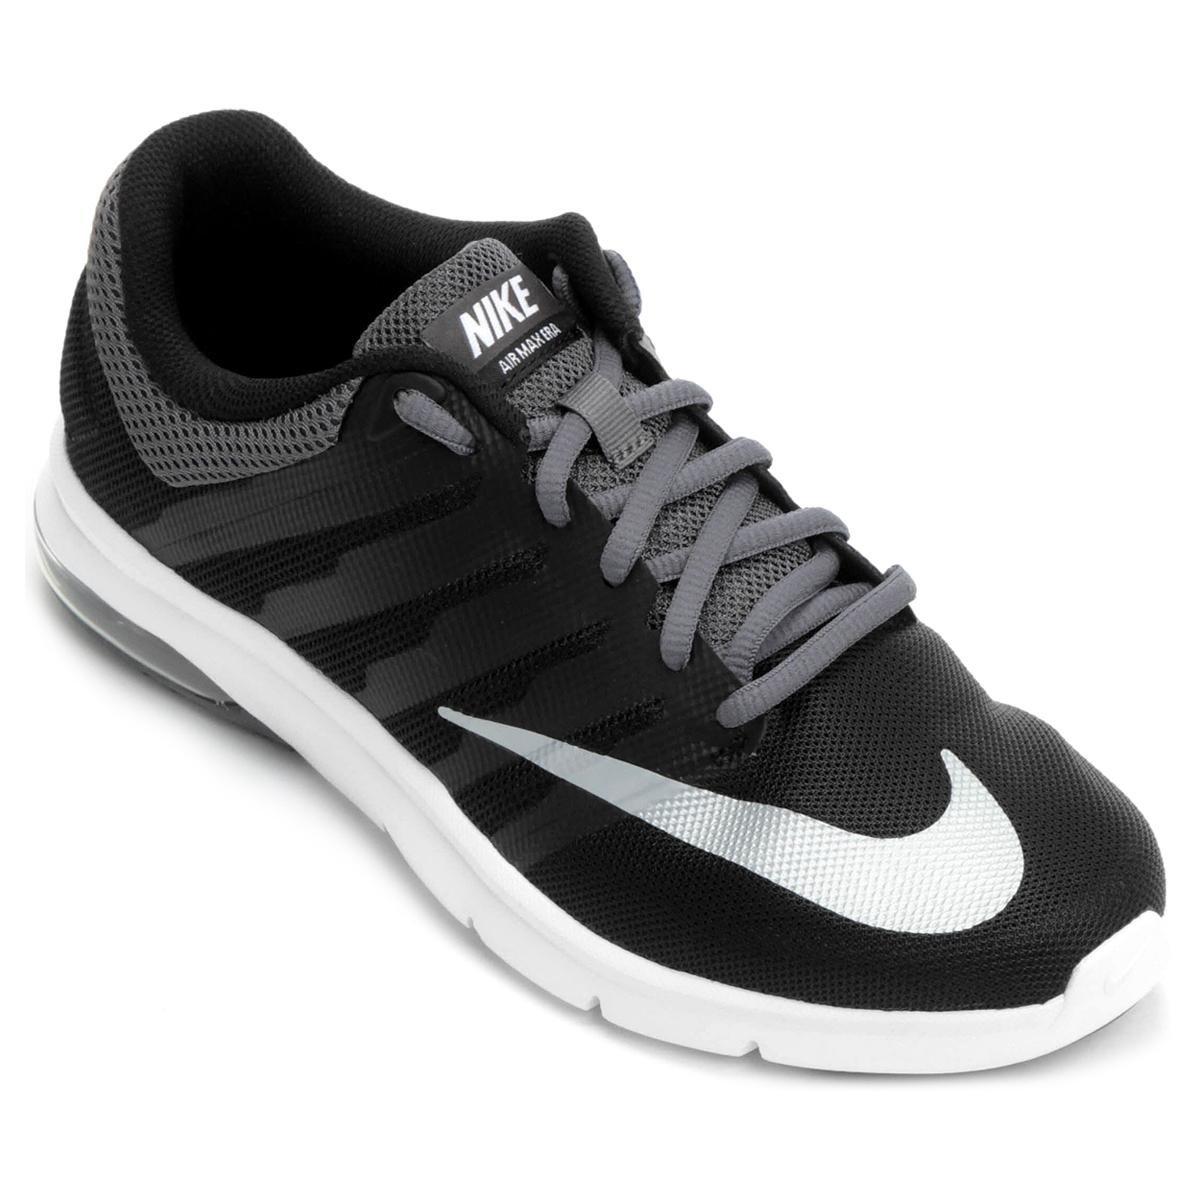 cda43a642 Tênis Nike Air Max Era Feminino - Compre Agora